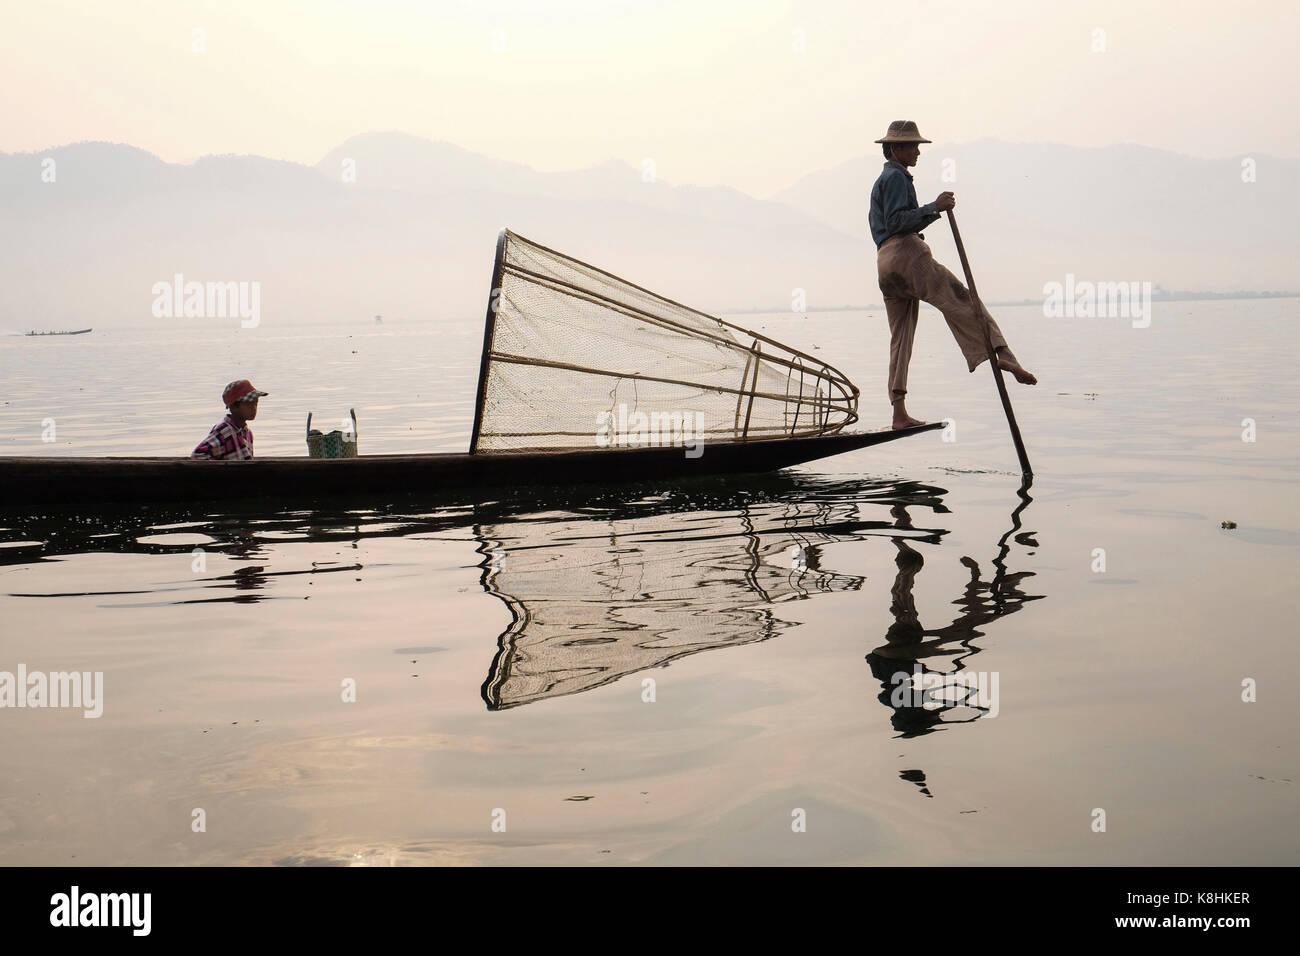 La Birmanie, Myanmar: pêcheur sur une barge sur le lac Inle. Pêcheur avec son fils sur une barge Photo Stock